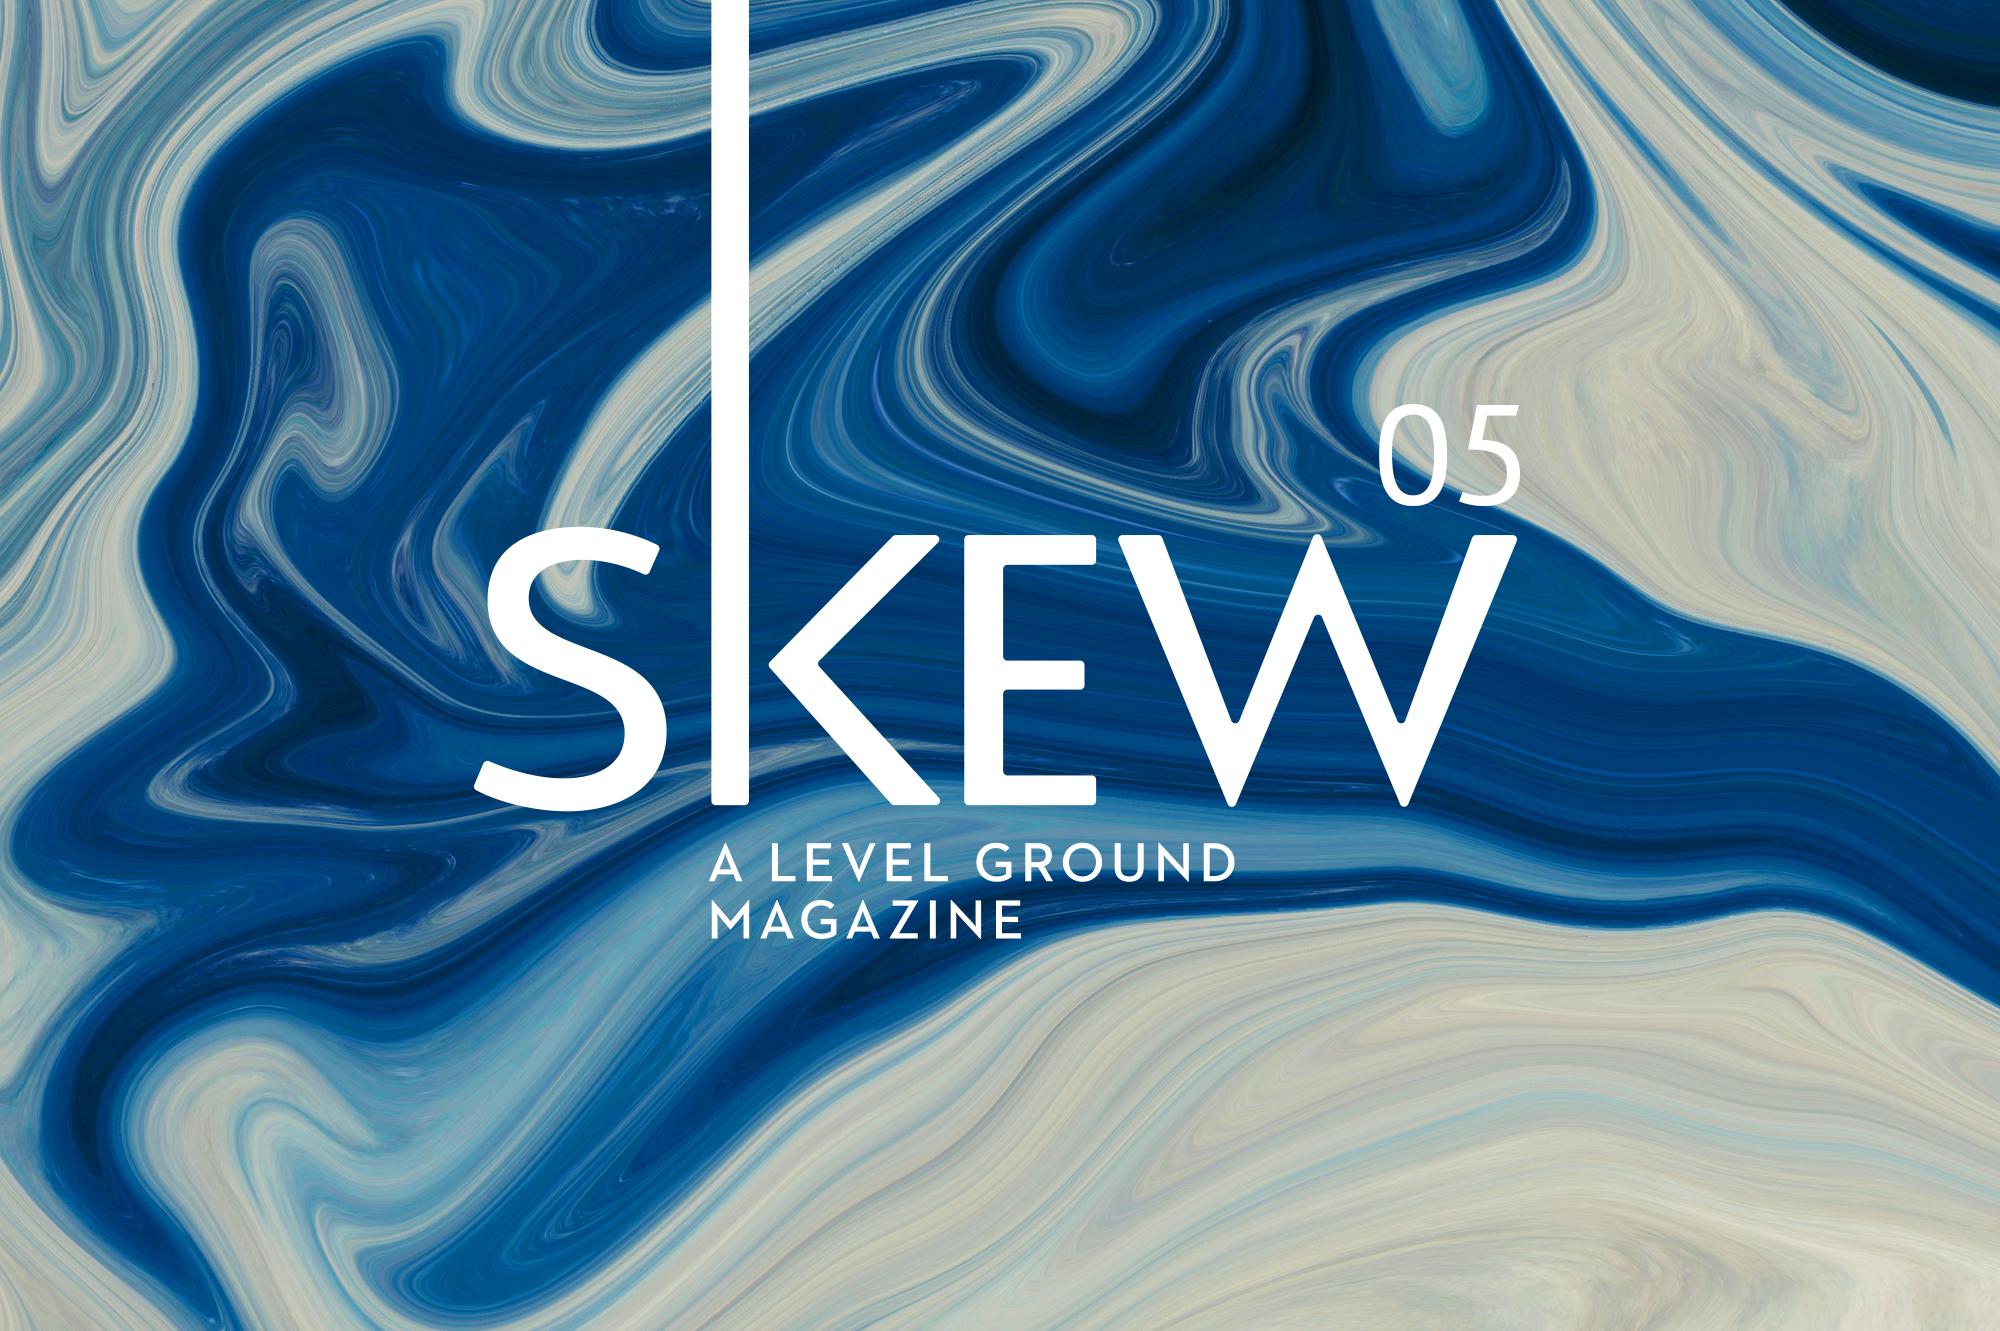 skew-july-cover.jpg